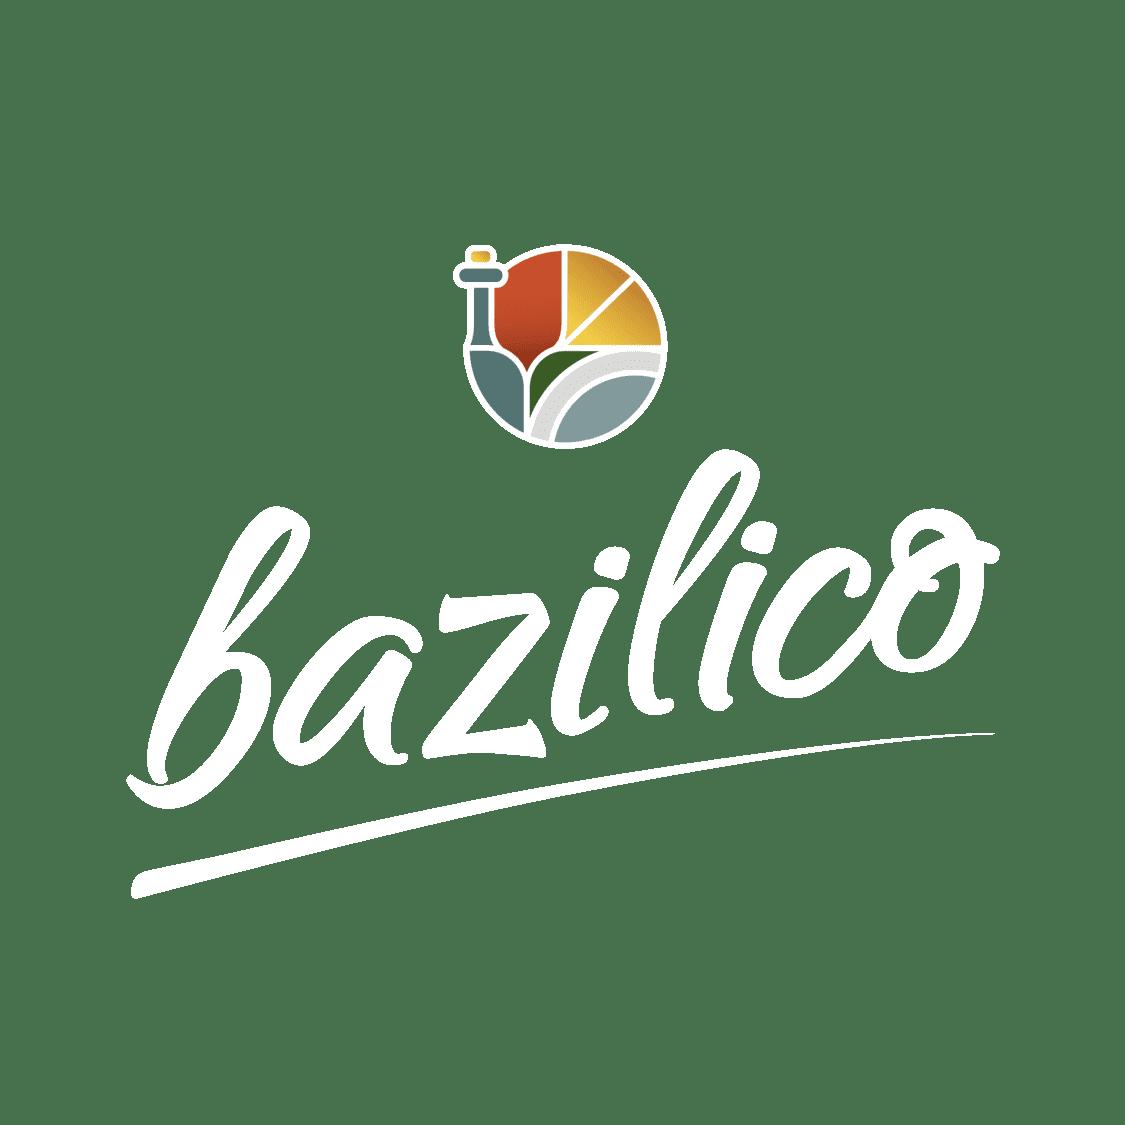 Bazilico Pizza